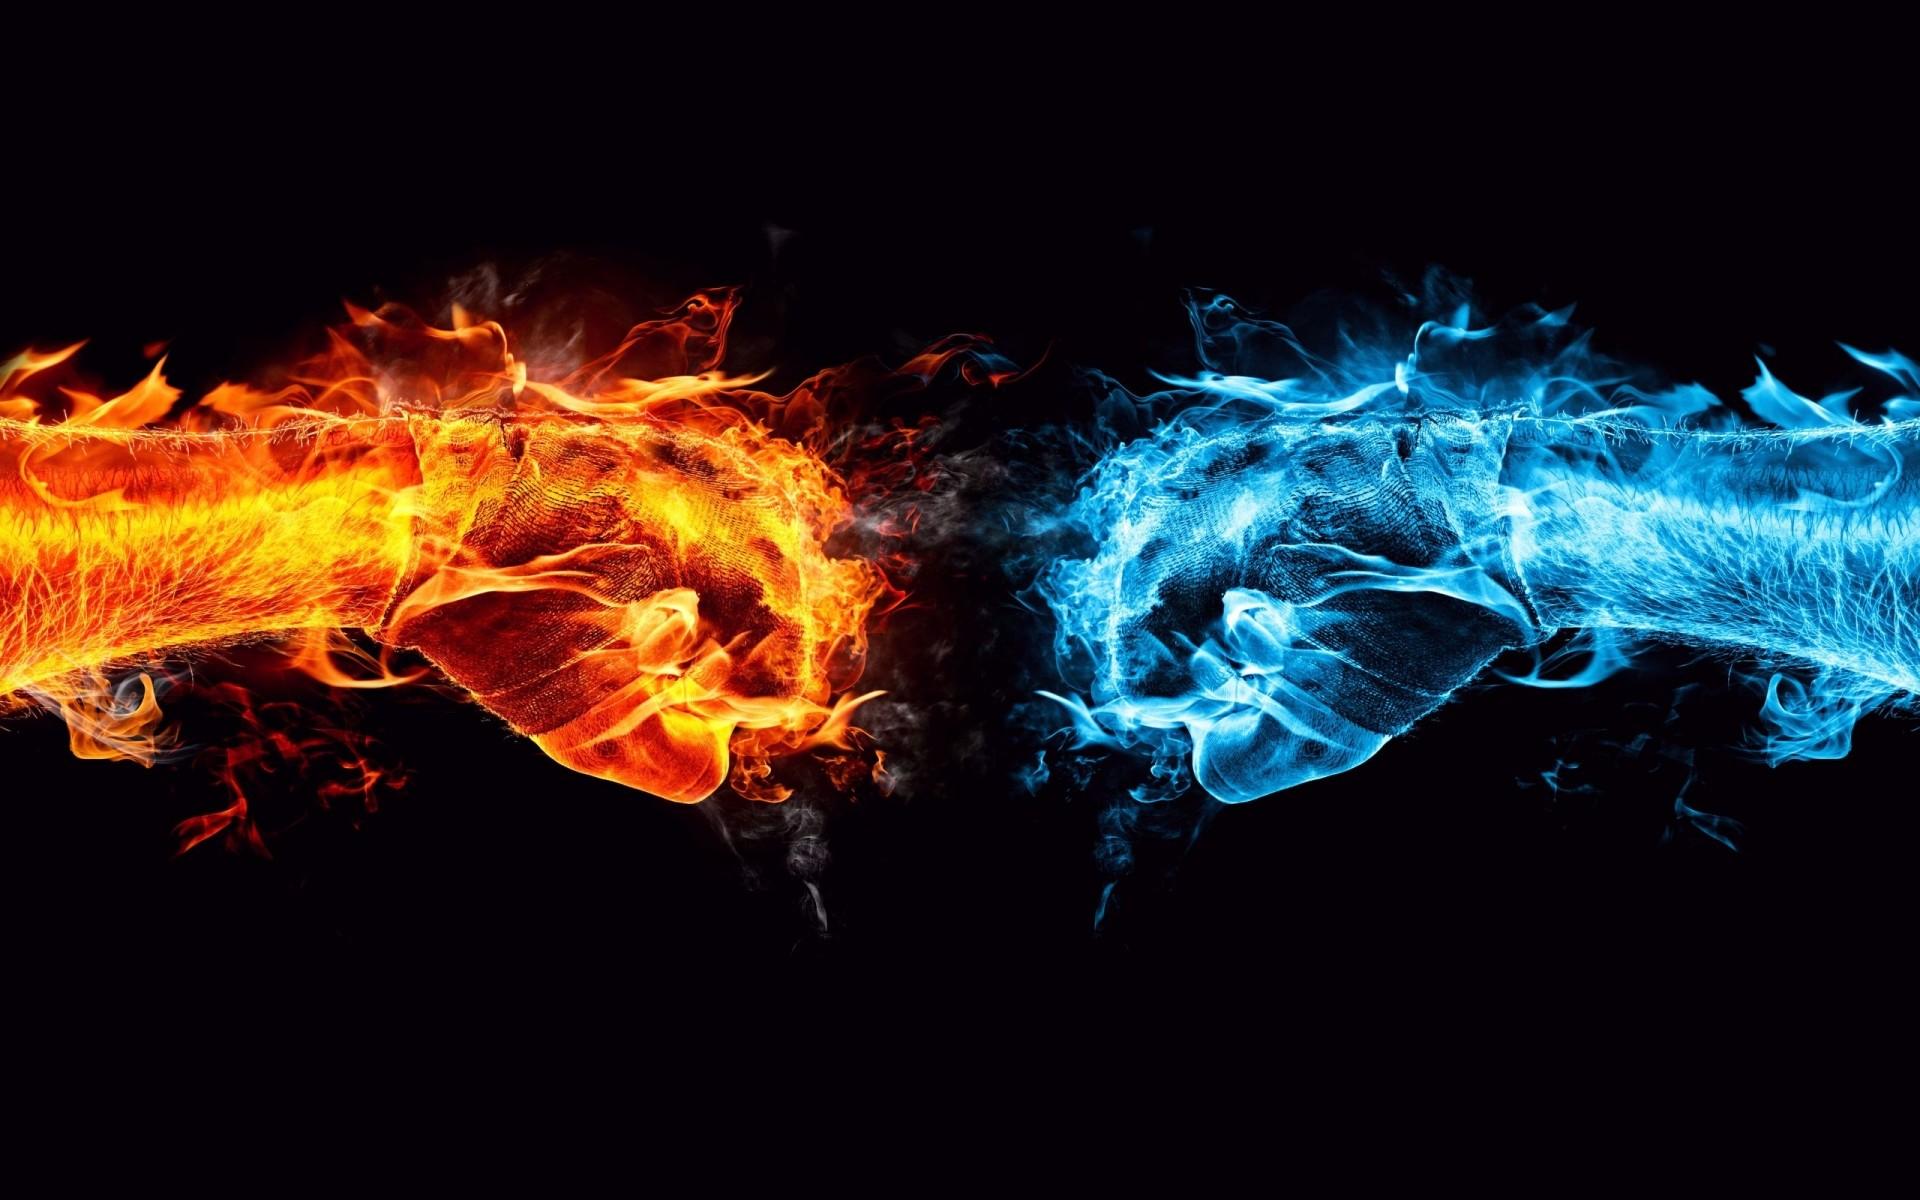 3D Creative Hot vs Cold logic Wallpaper